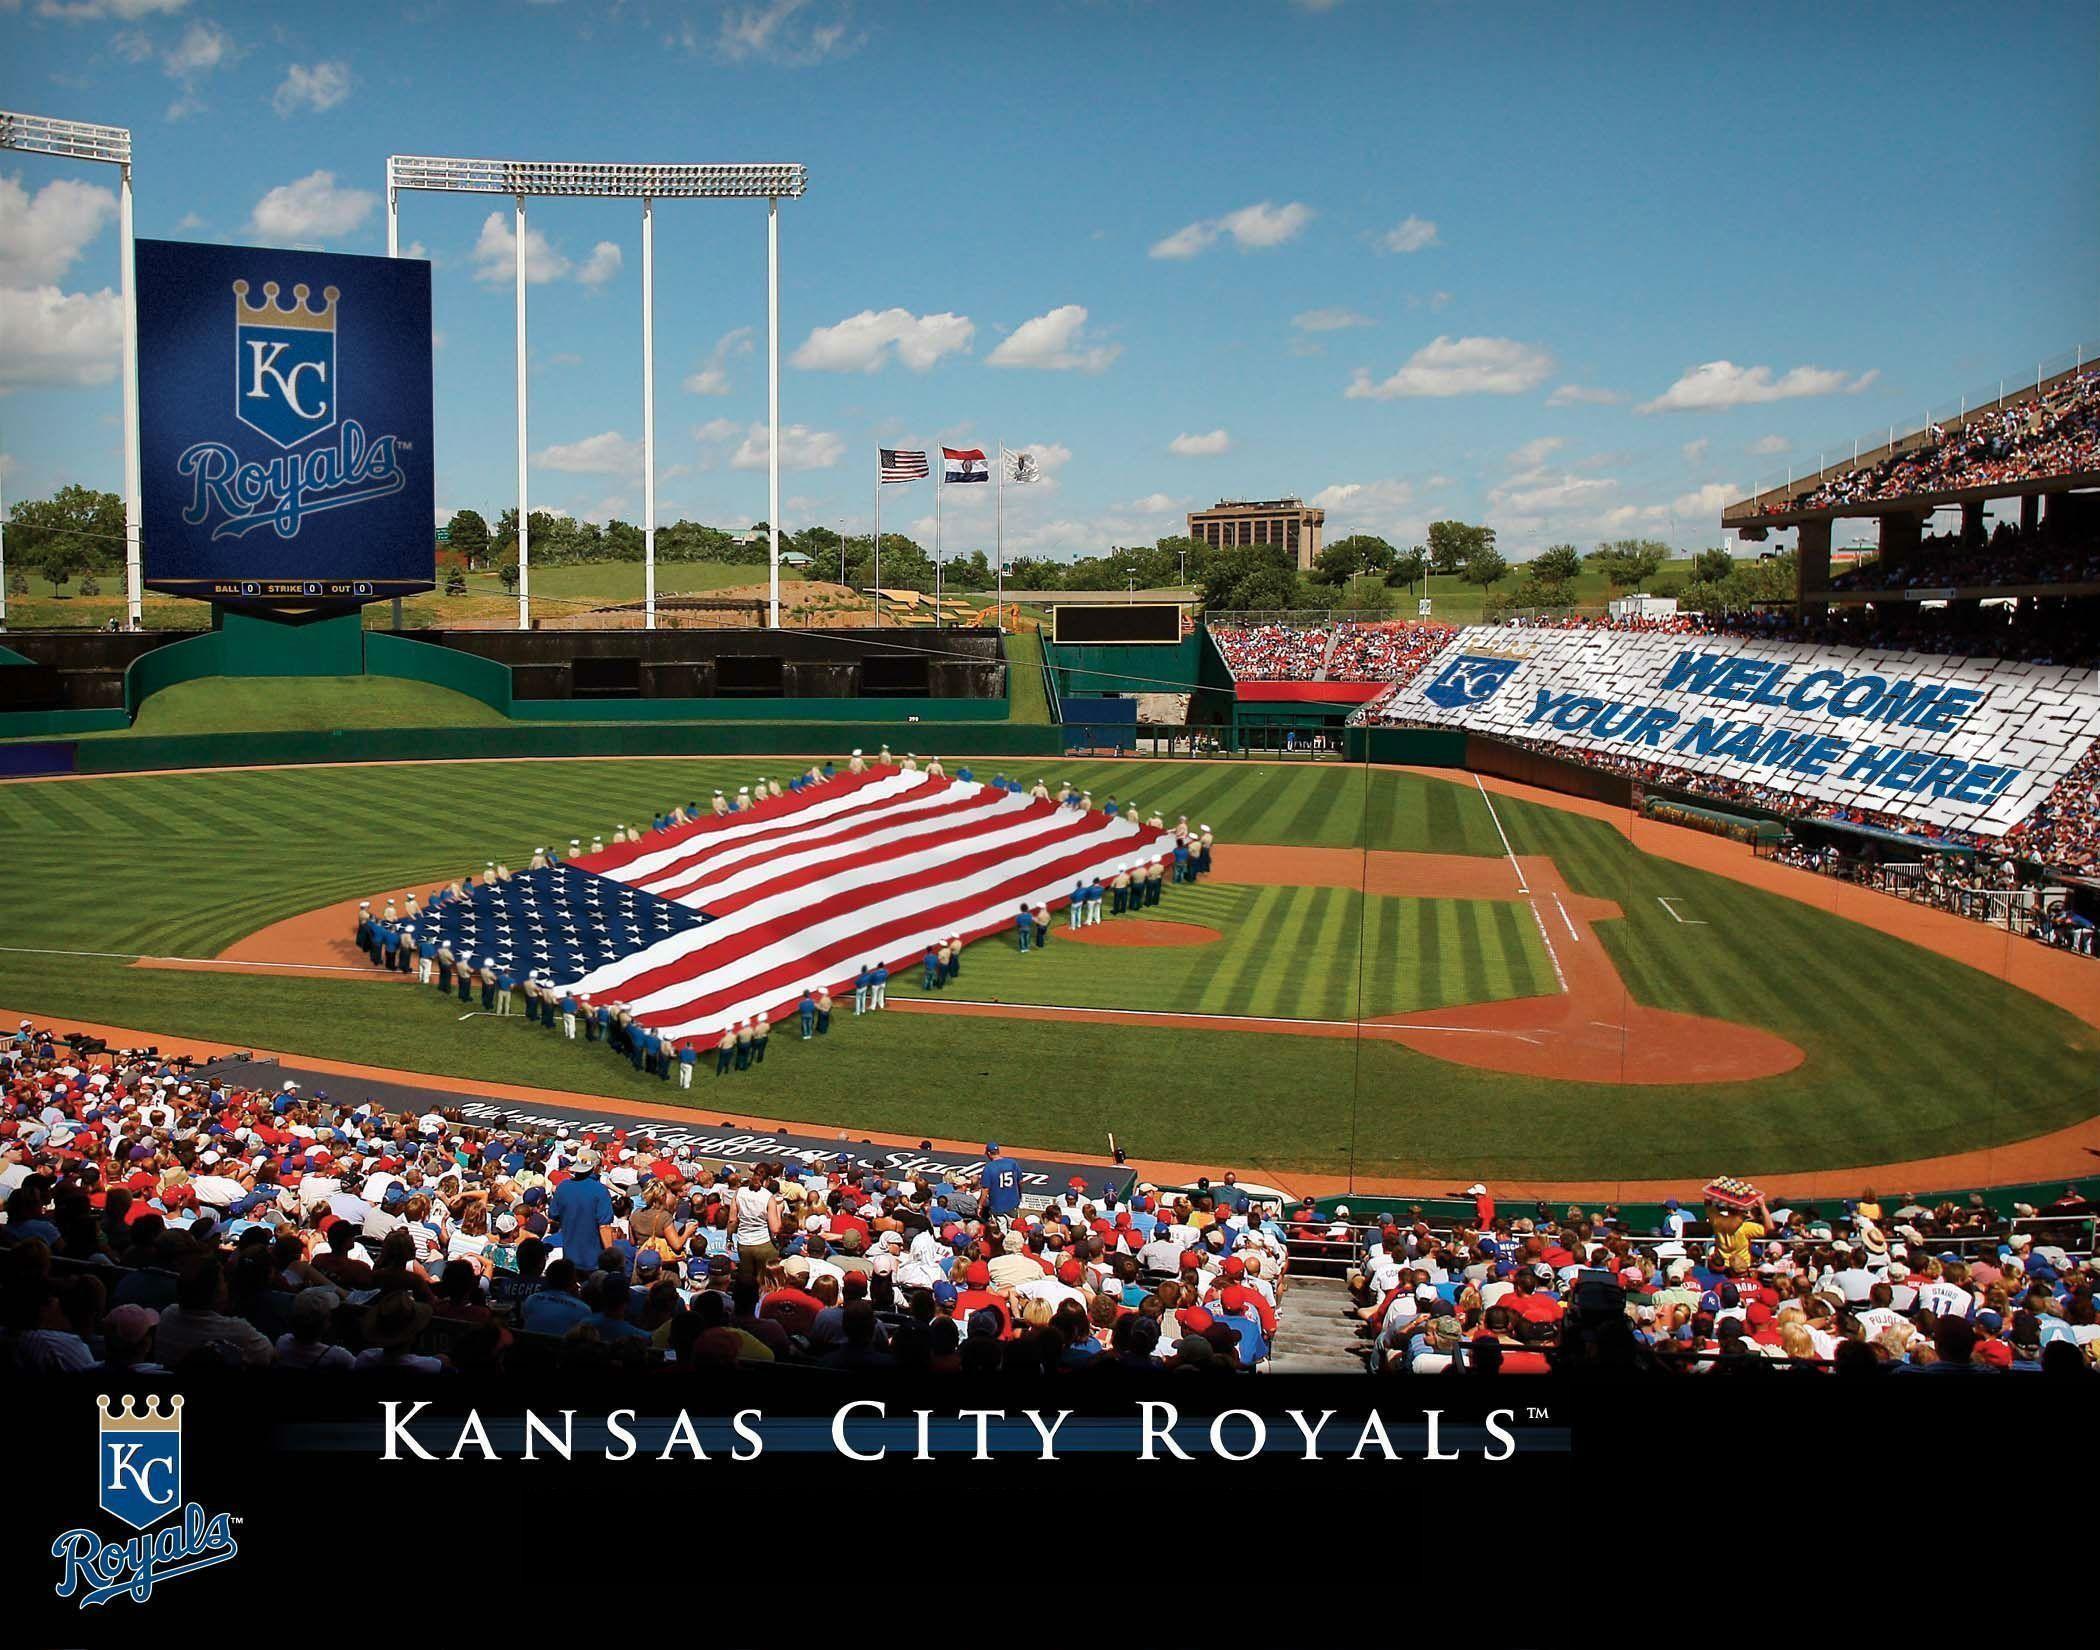 Kansas City Royals Wallpapers Wallpaper Cave